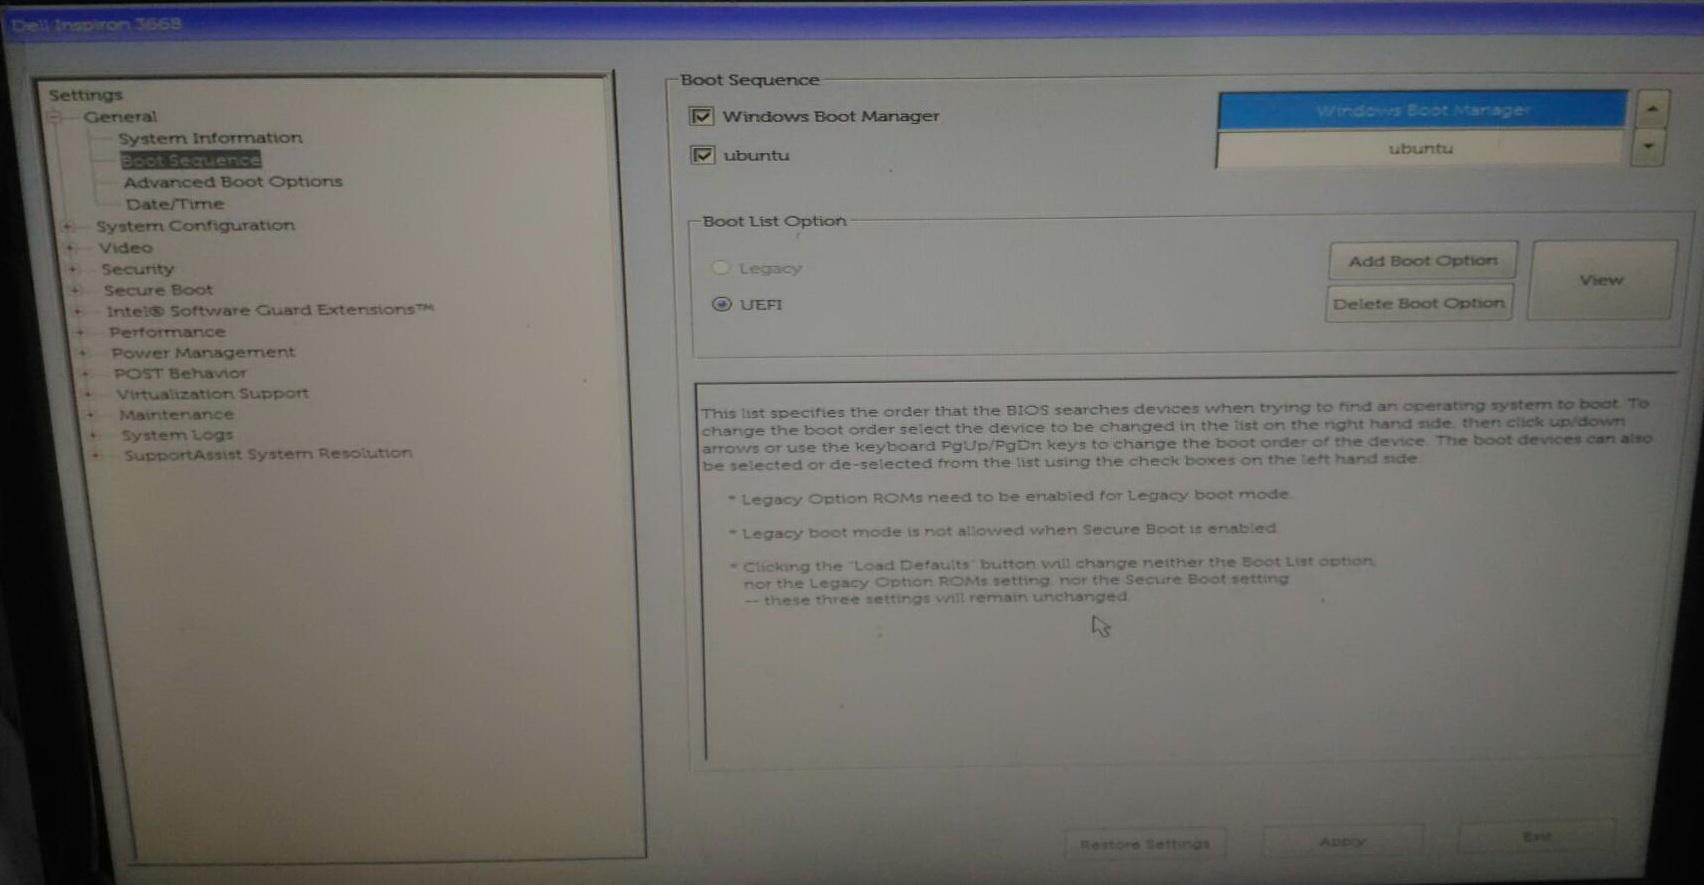 เครื่องคอม Dell boot window 8 1 ผ่าน แผ่น DVD ไม่ได้ ต้อง set up